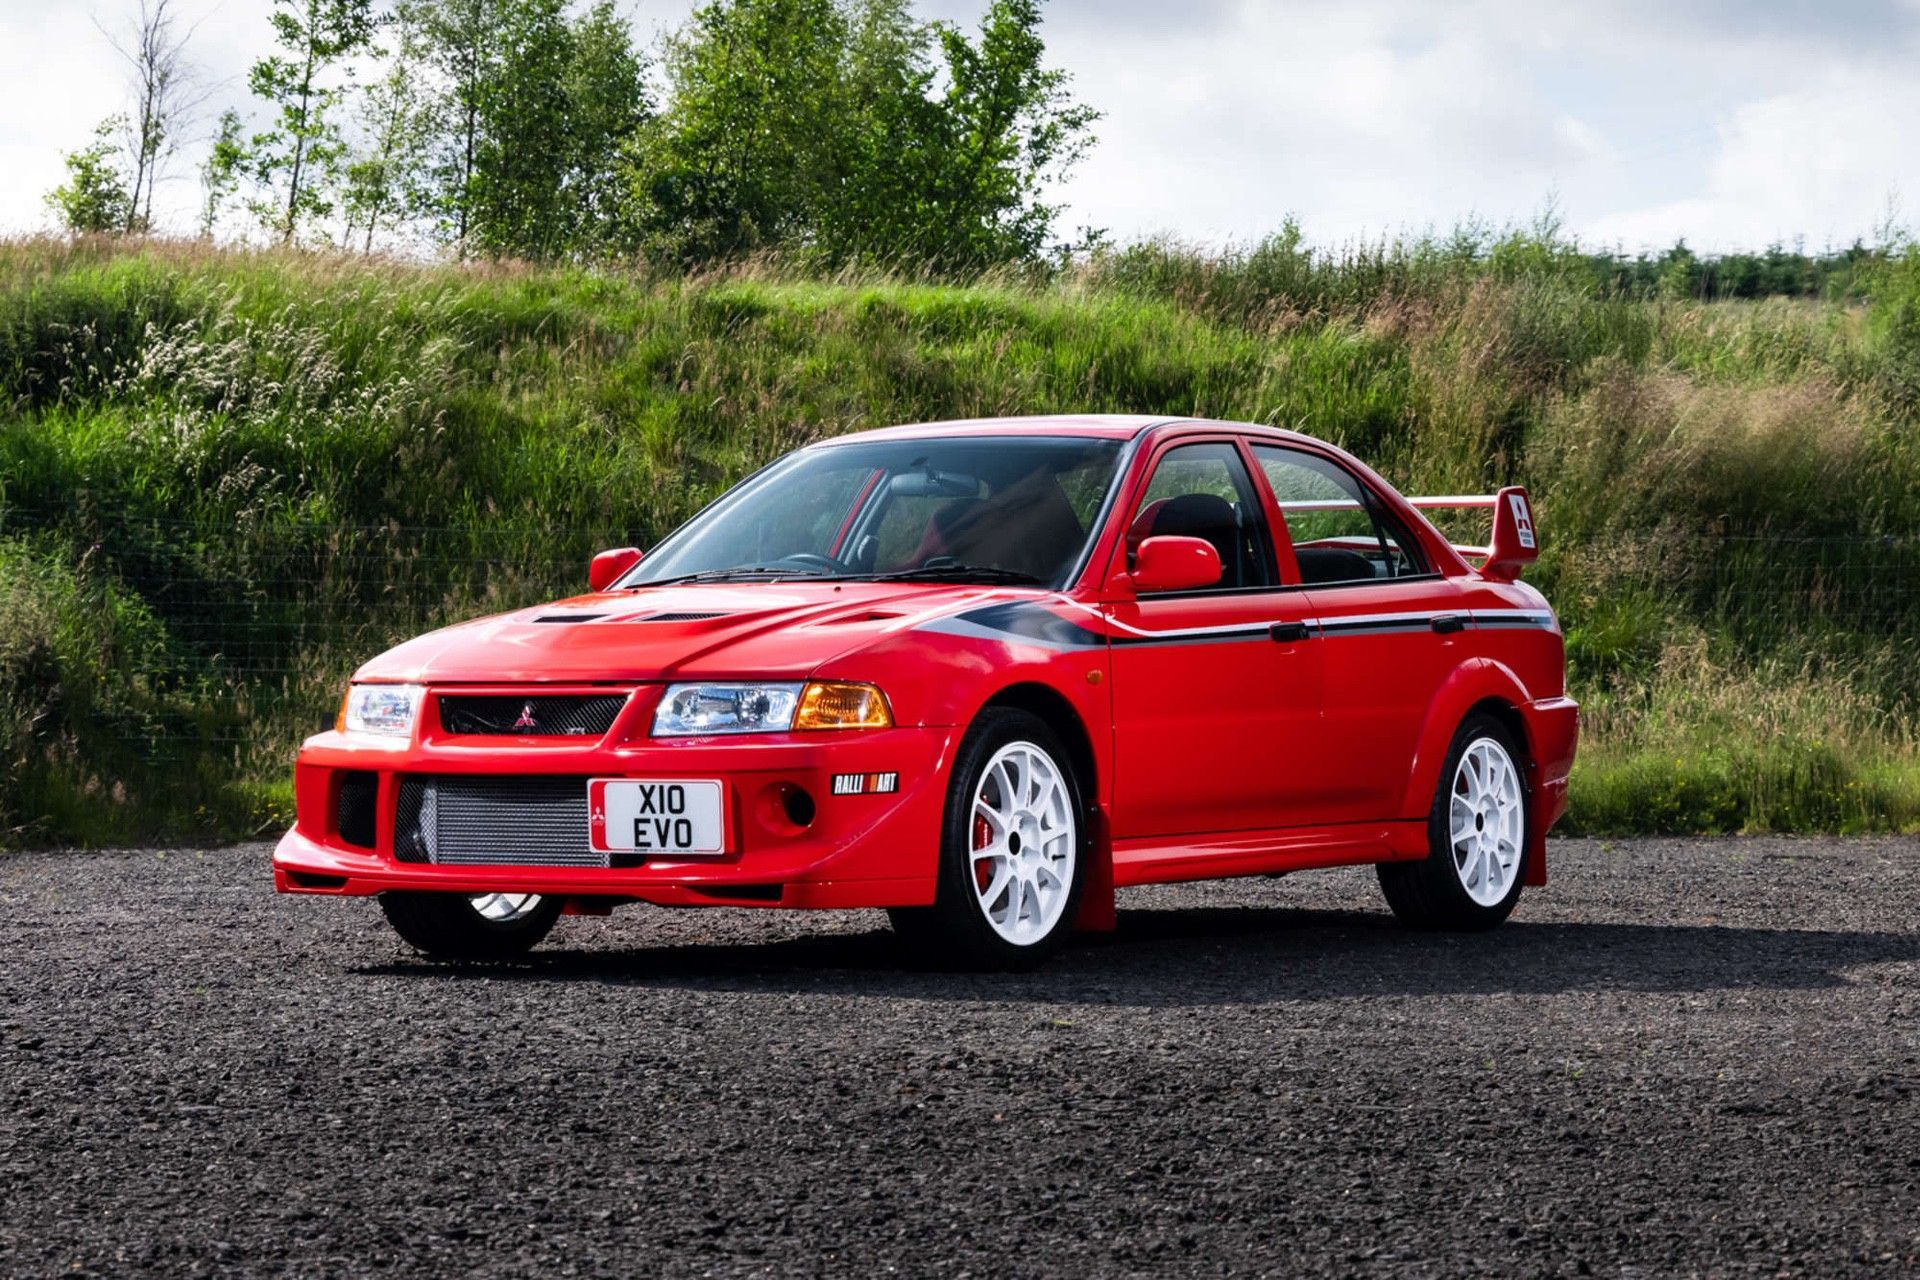 2000_Mitsubishi_Lancer_Evolution_VI_Tommi_Makinen_Edition_sale-0041